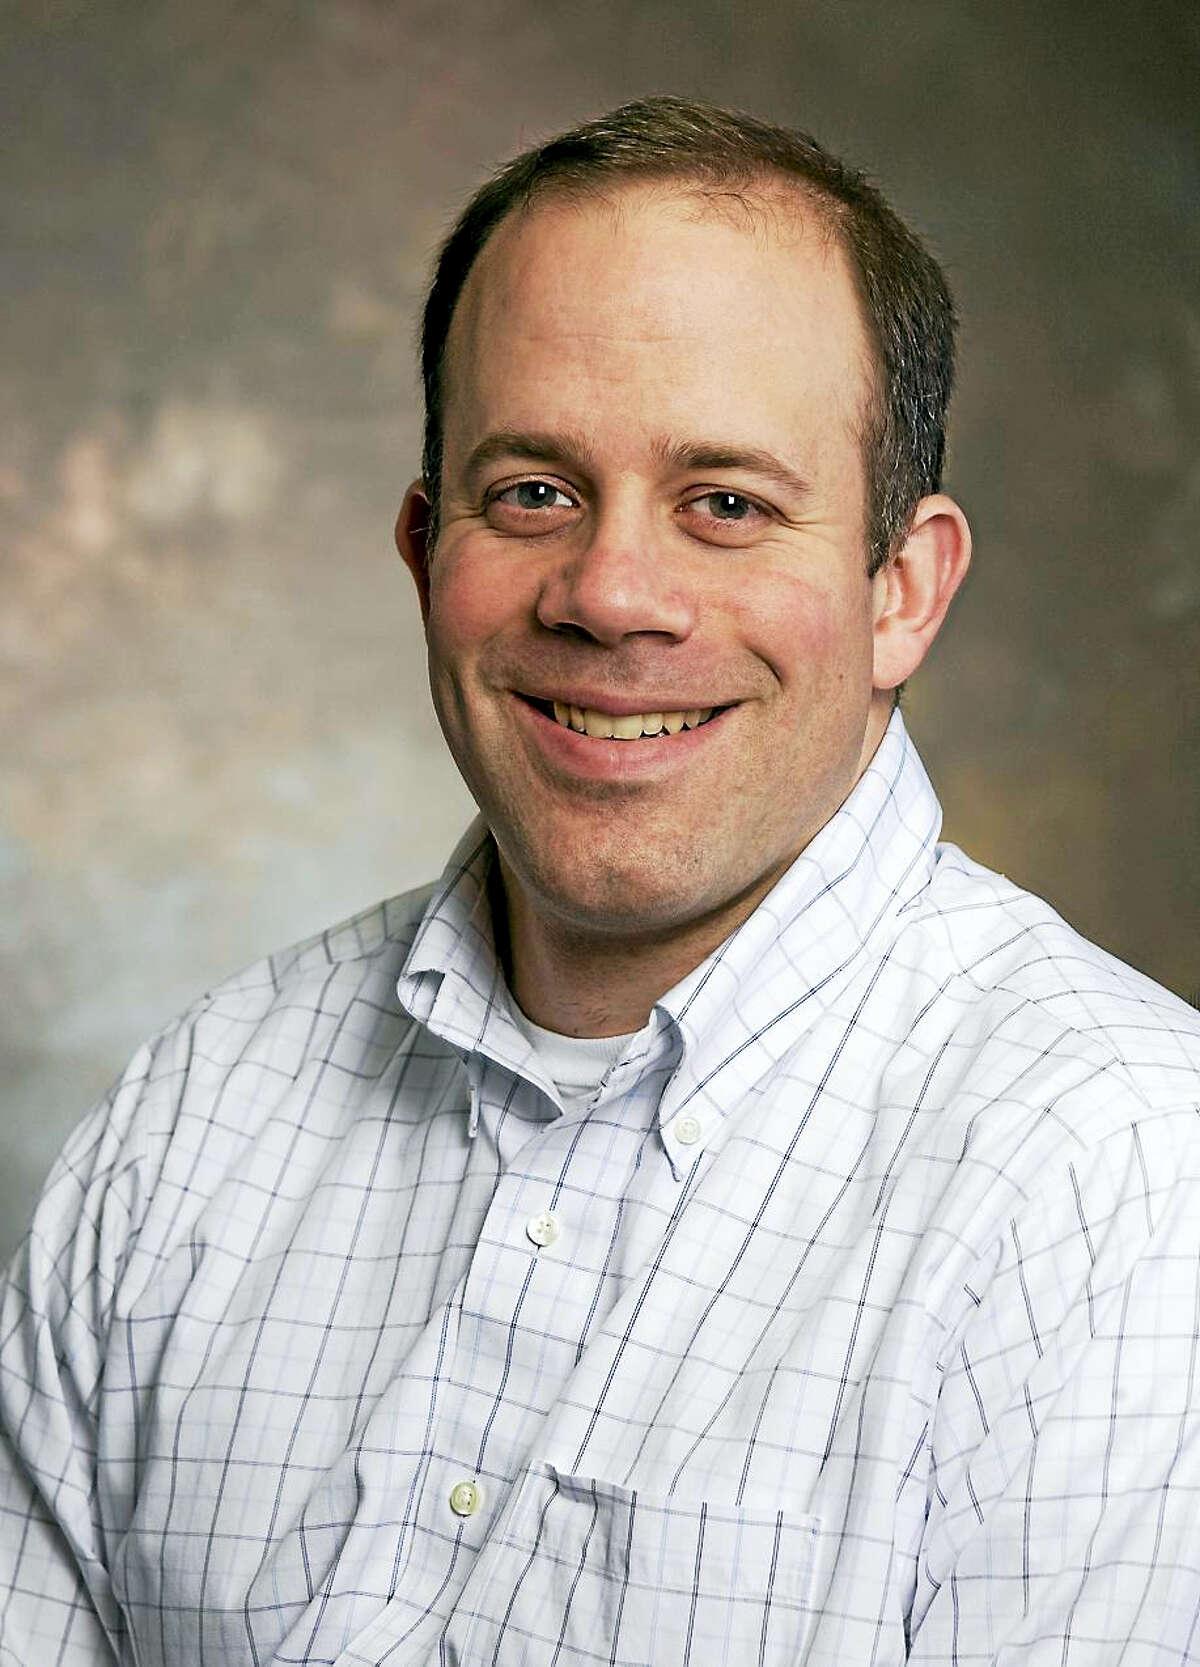 Dr. Matthew Grossman